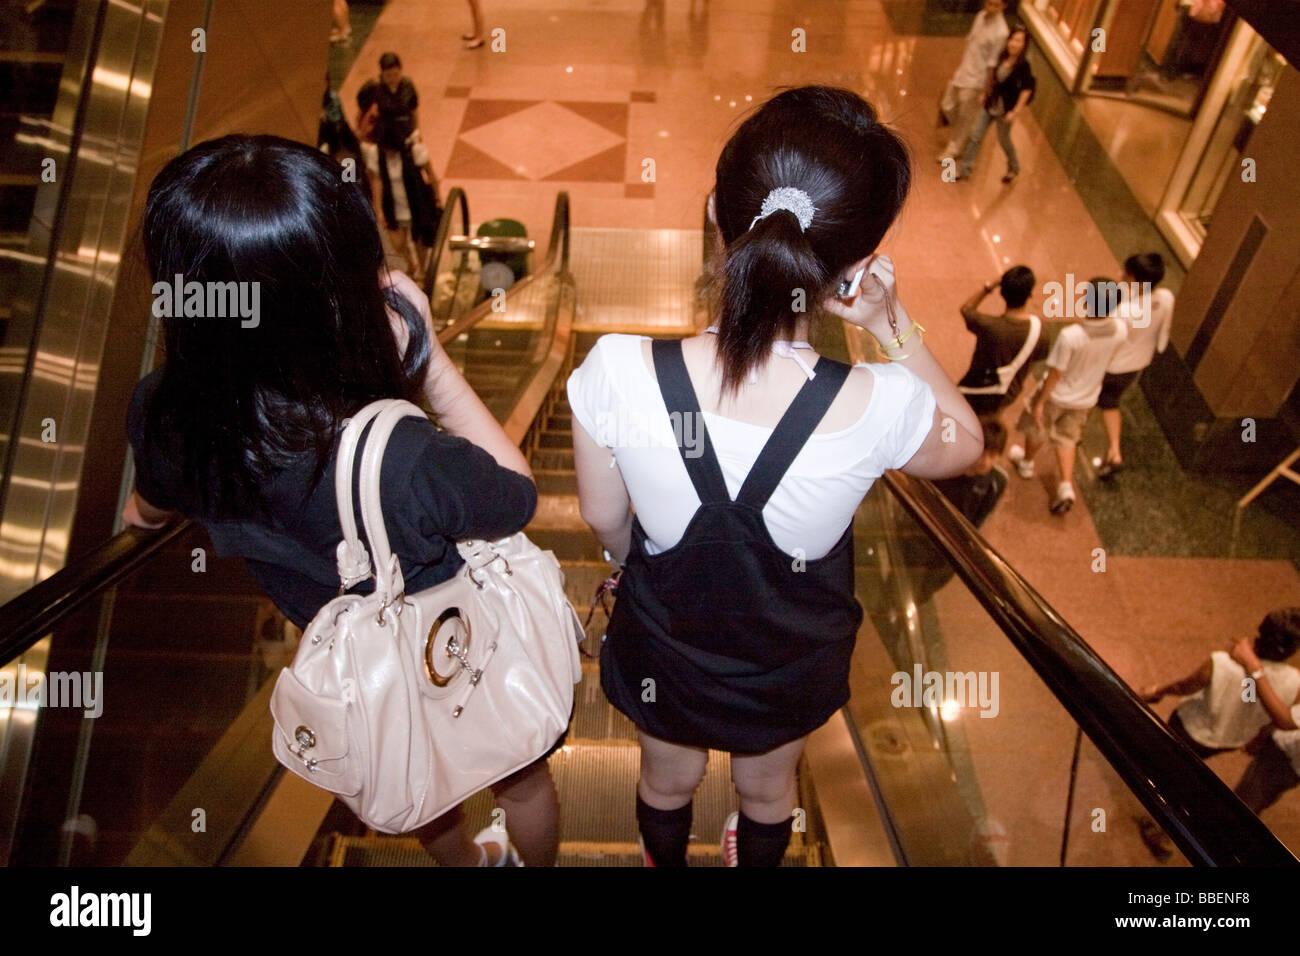 girls on shopping trip in Ngee Ann City Takashimaya shopping center Orchard road shopping zone Singapore Asia Singapur - Stock Image